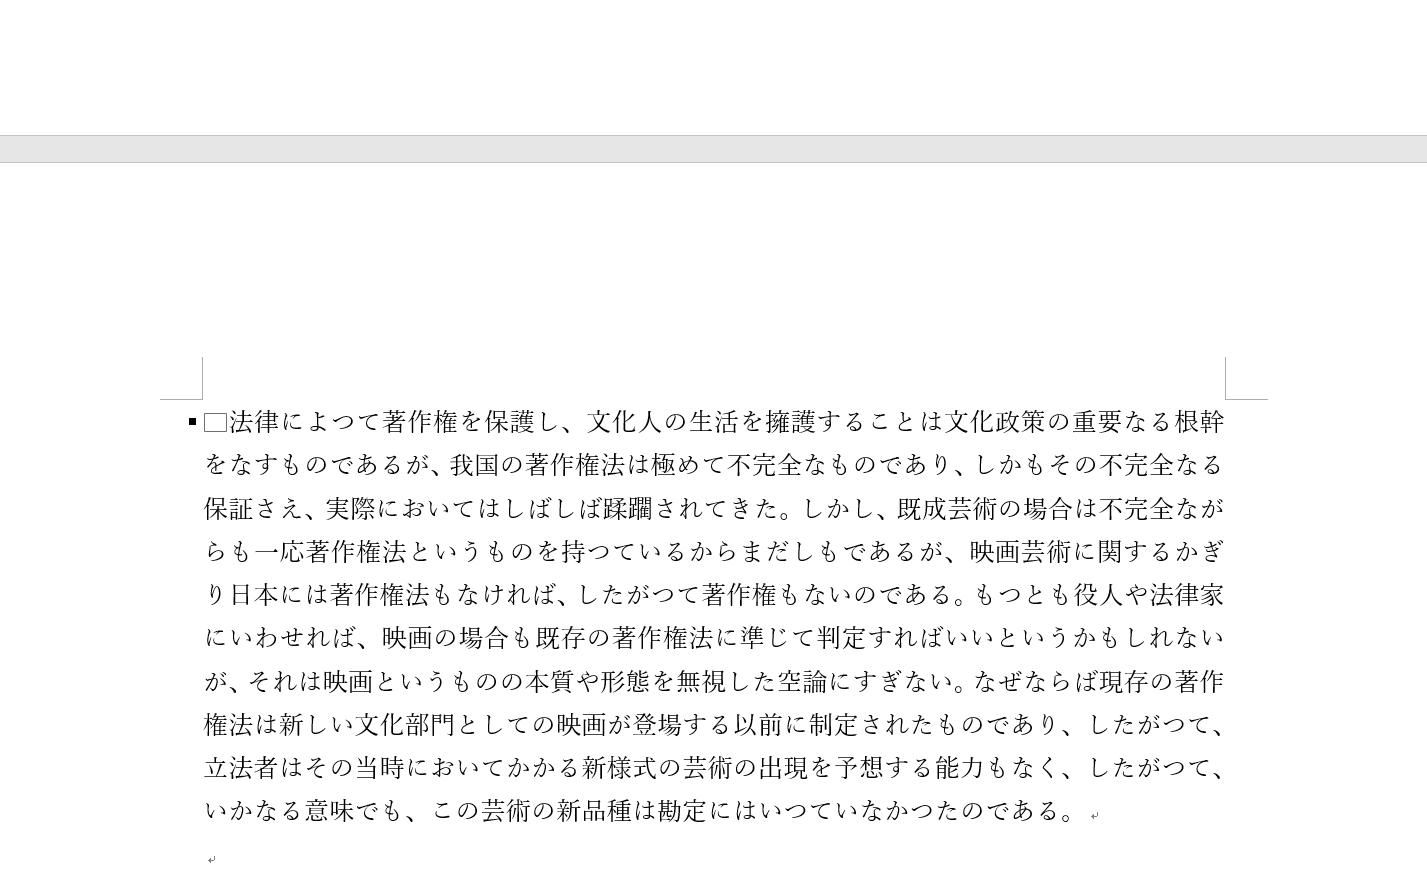 段落が同じページに表示された